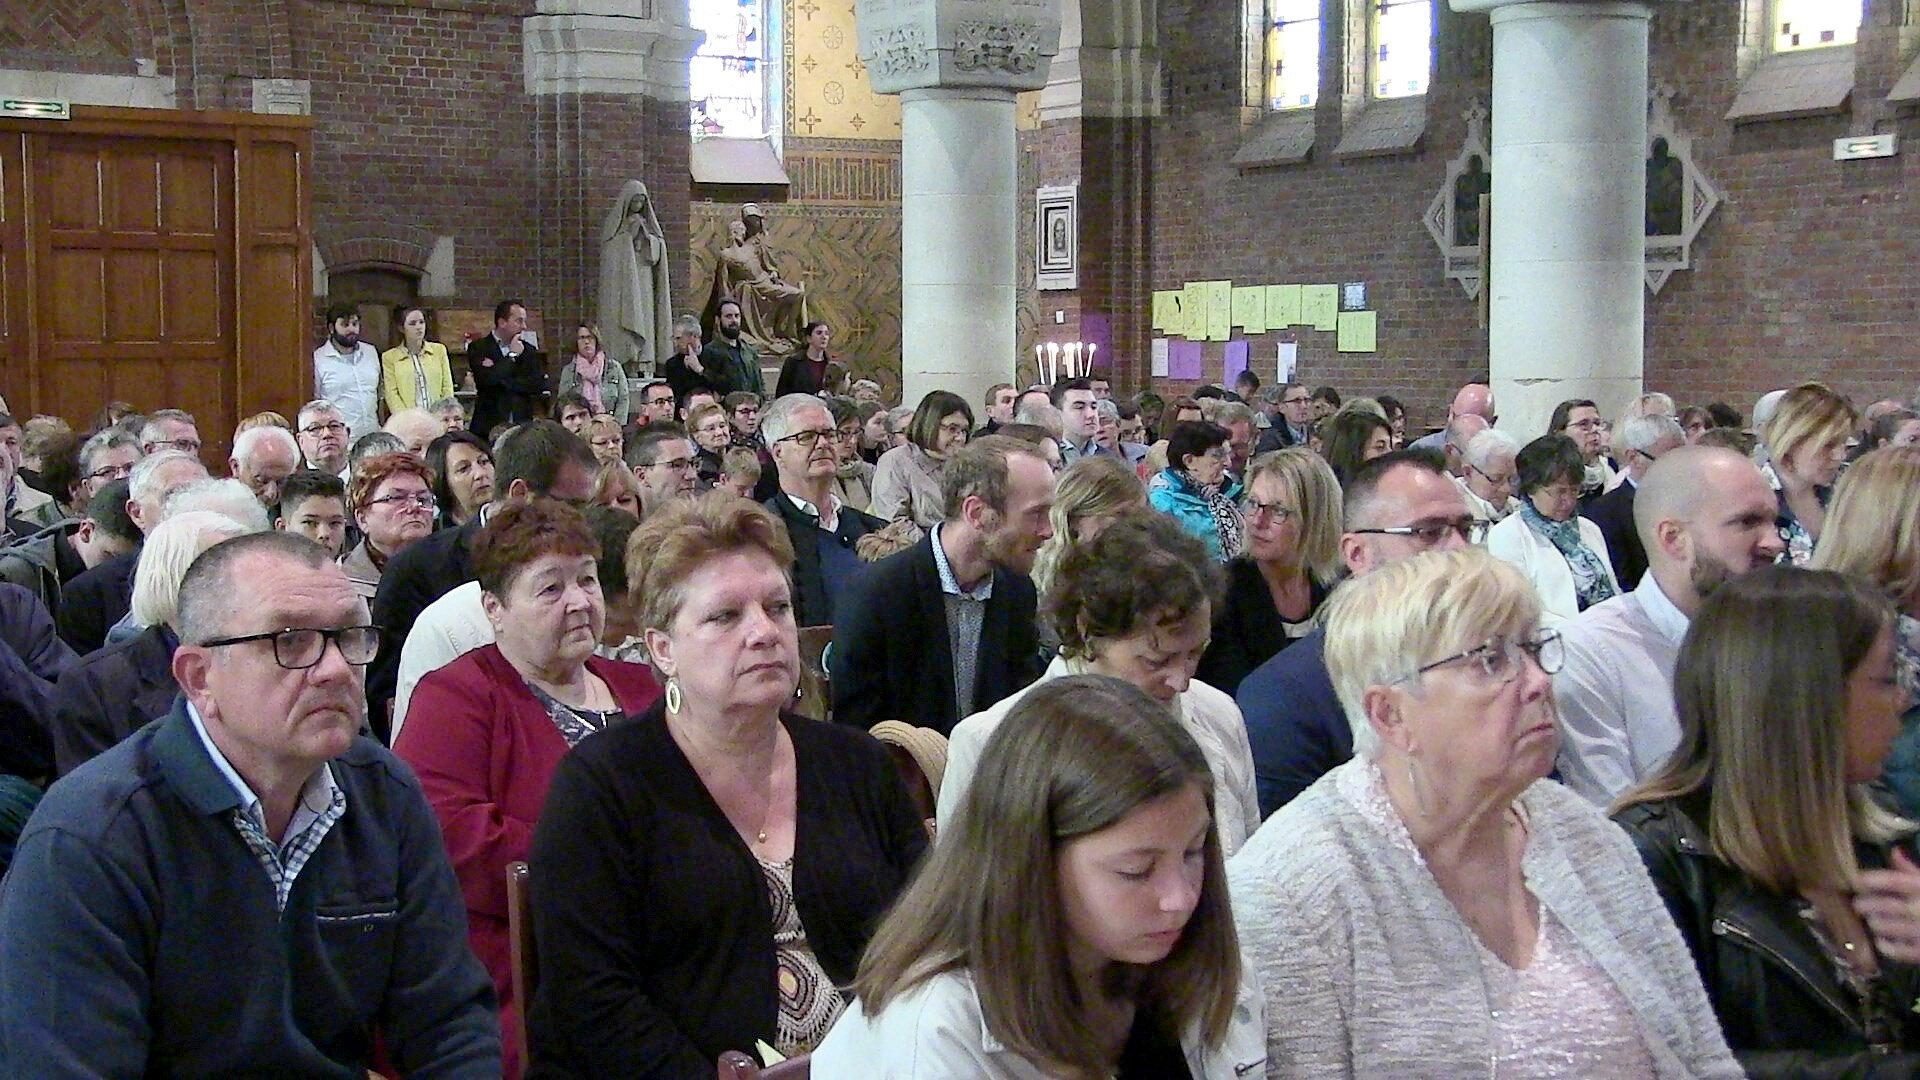 2019-05-12-entrées eucharistie (35)